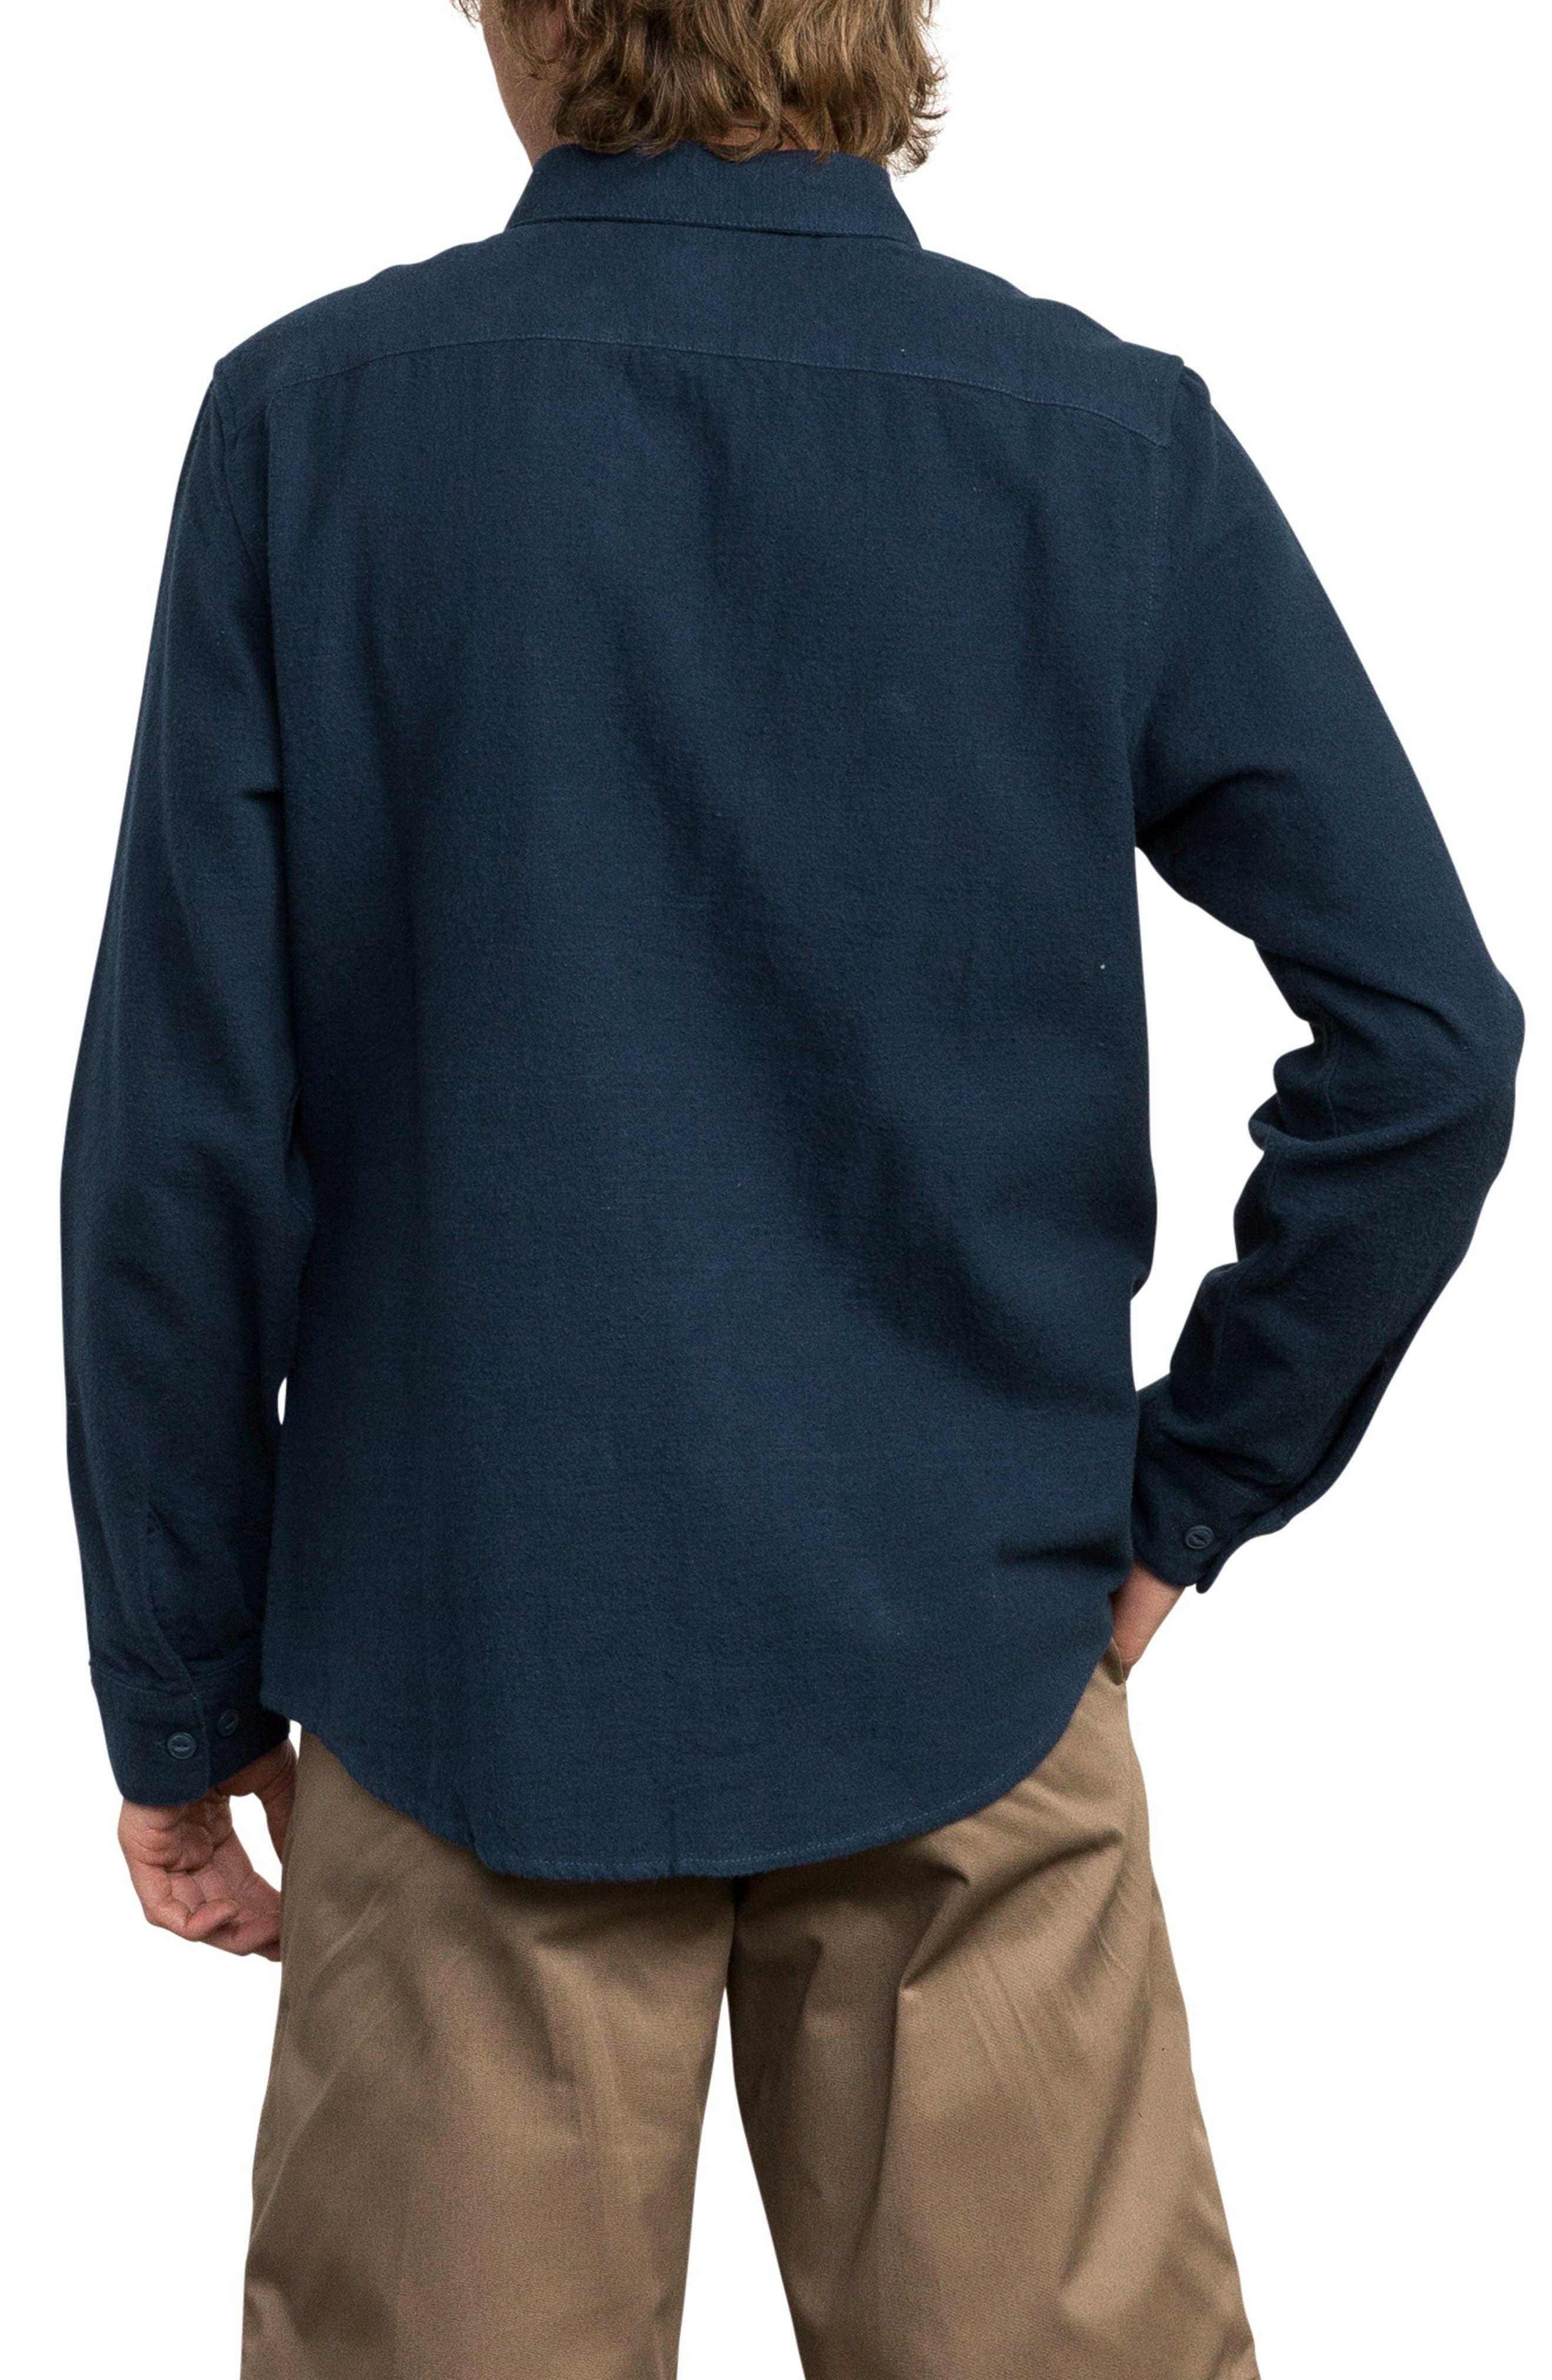 Public Works Flannel Shirt,                             Alternate thumbnail 2, color,                             487